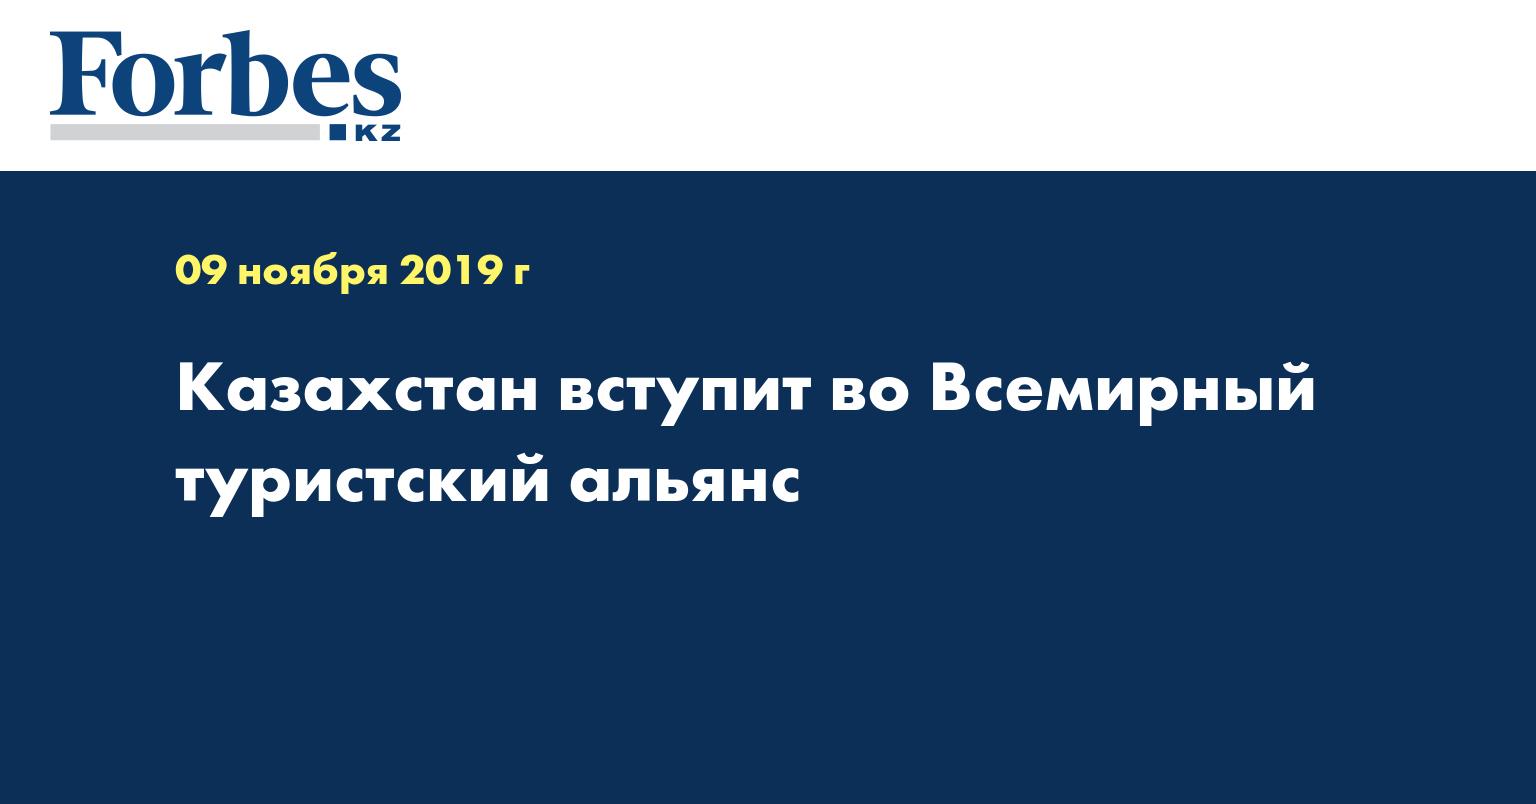 Казахстан вступит во Всемирный туристский альянс